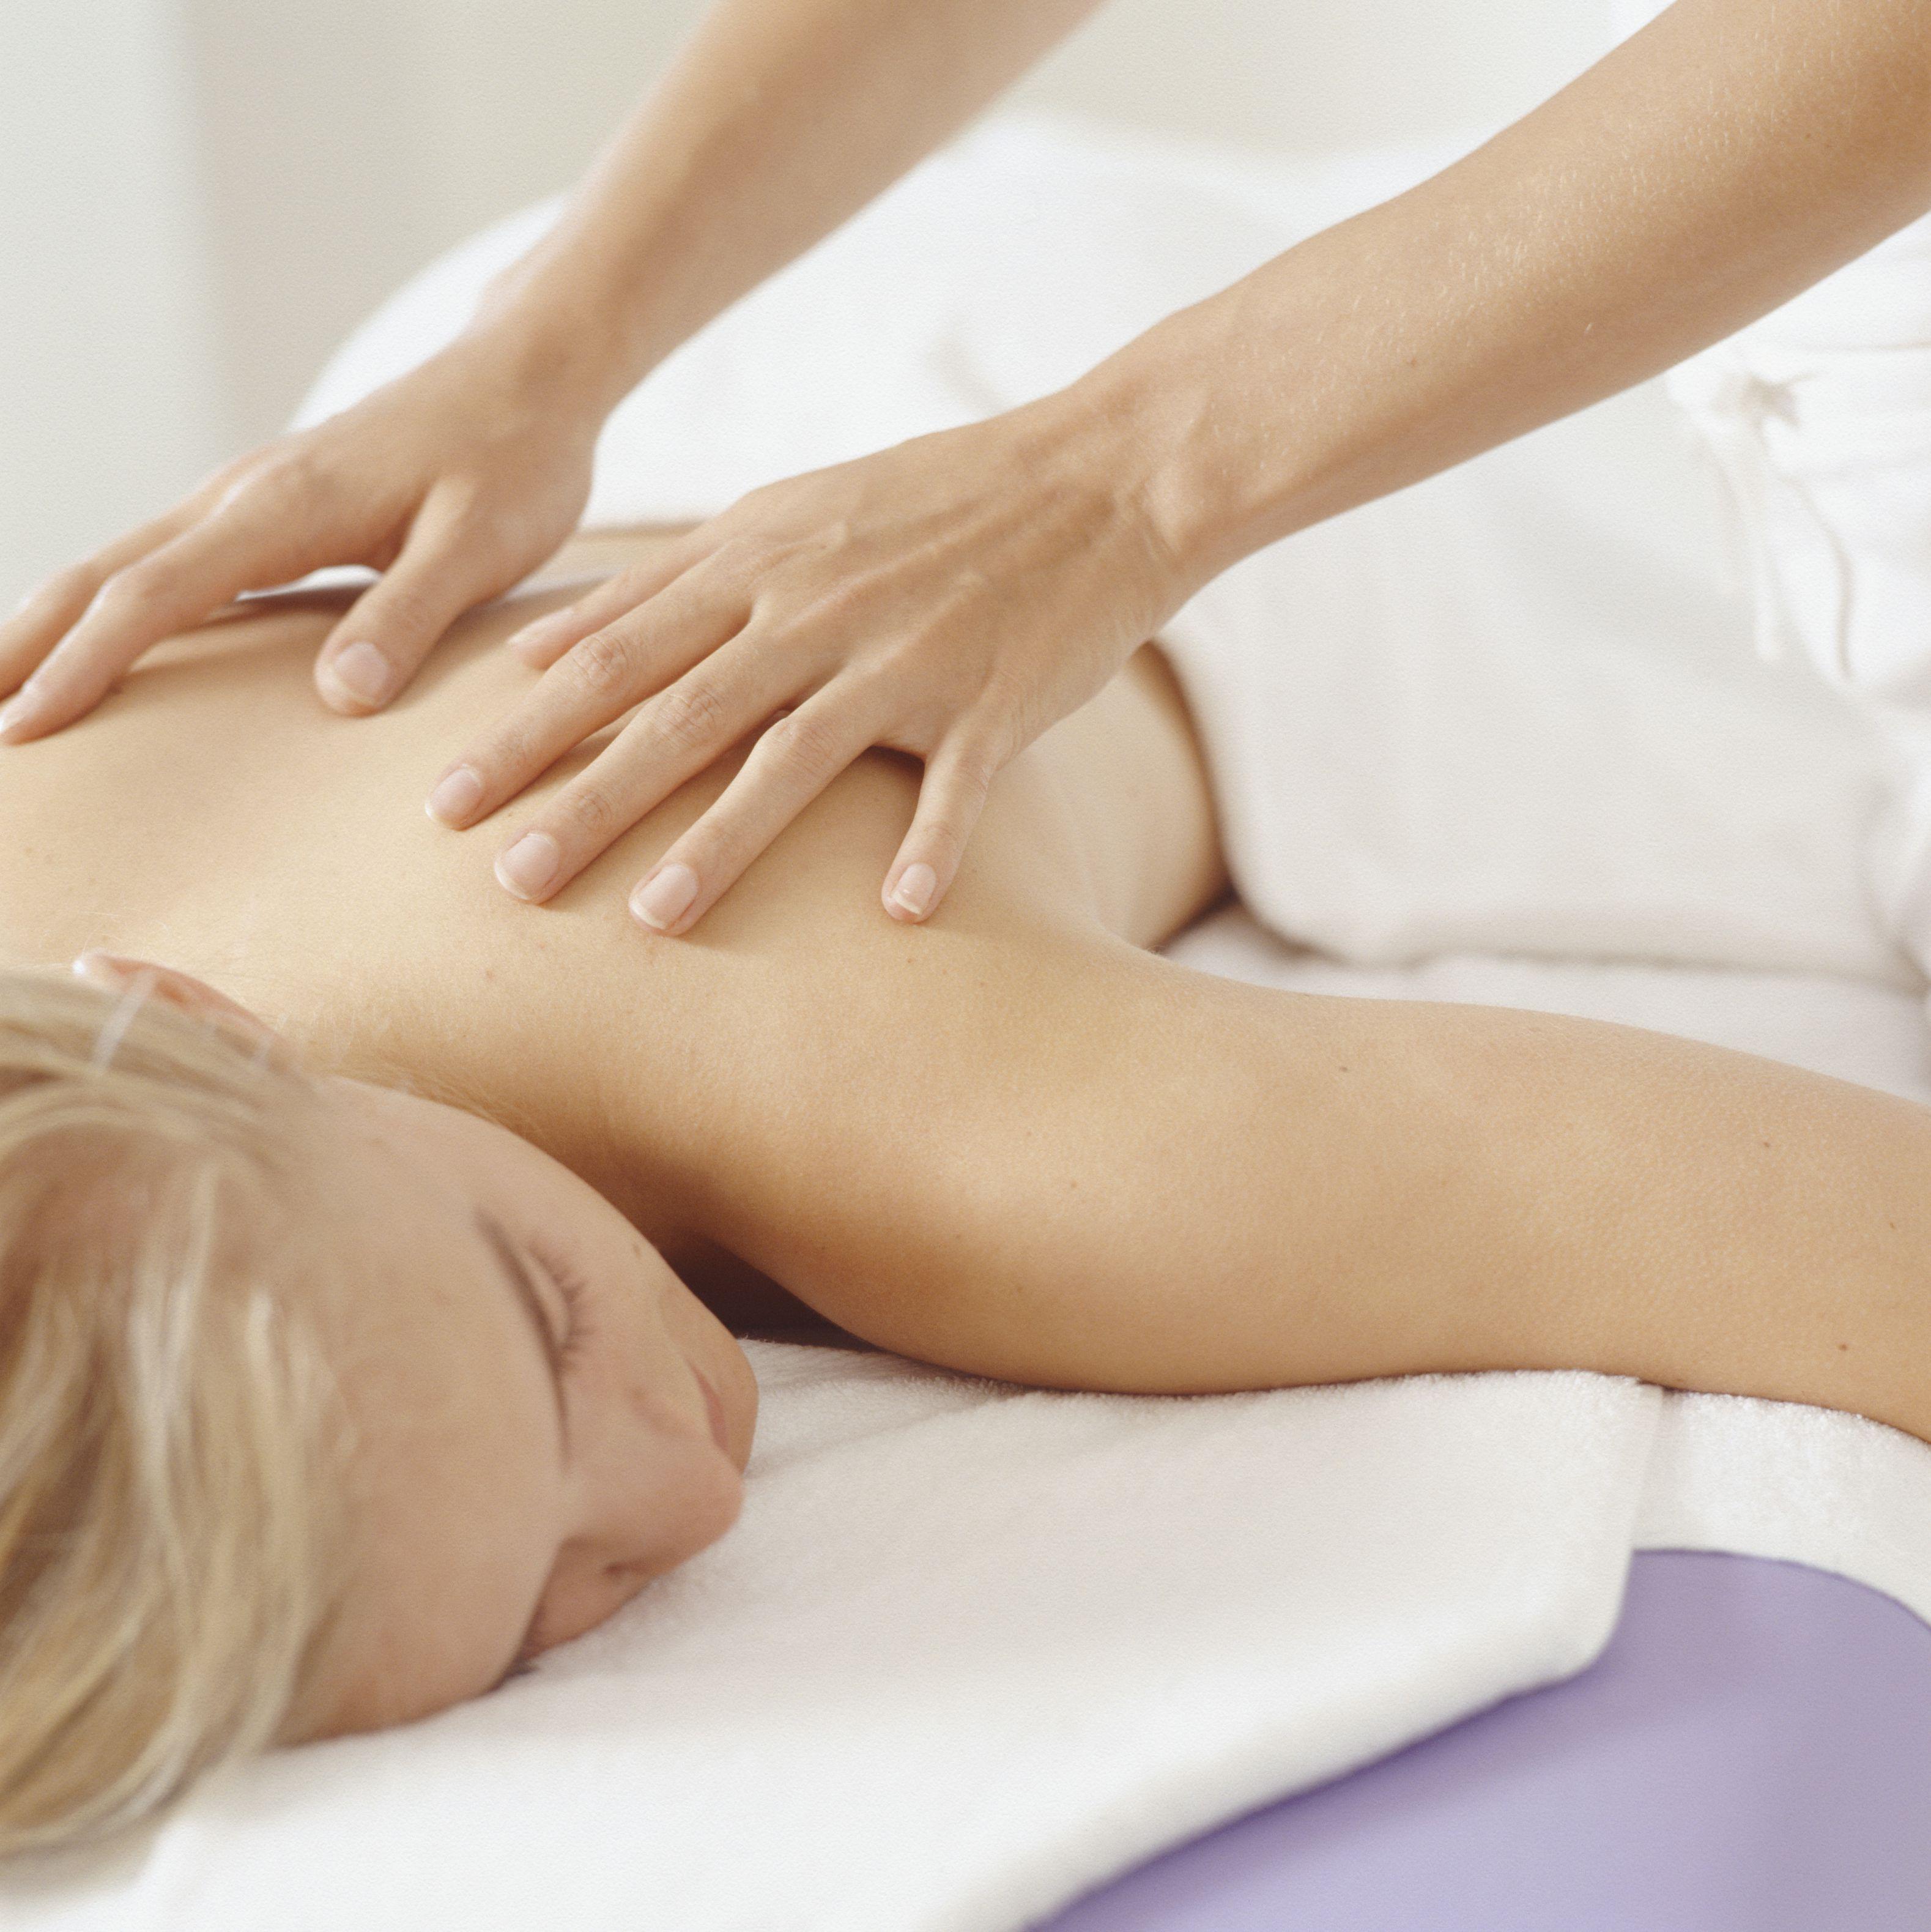 salon-akvatoriya-eroticheskiy-massazh